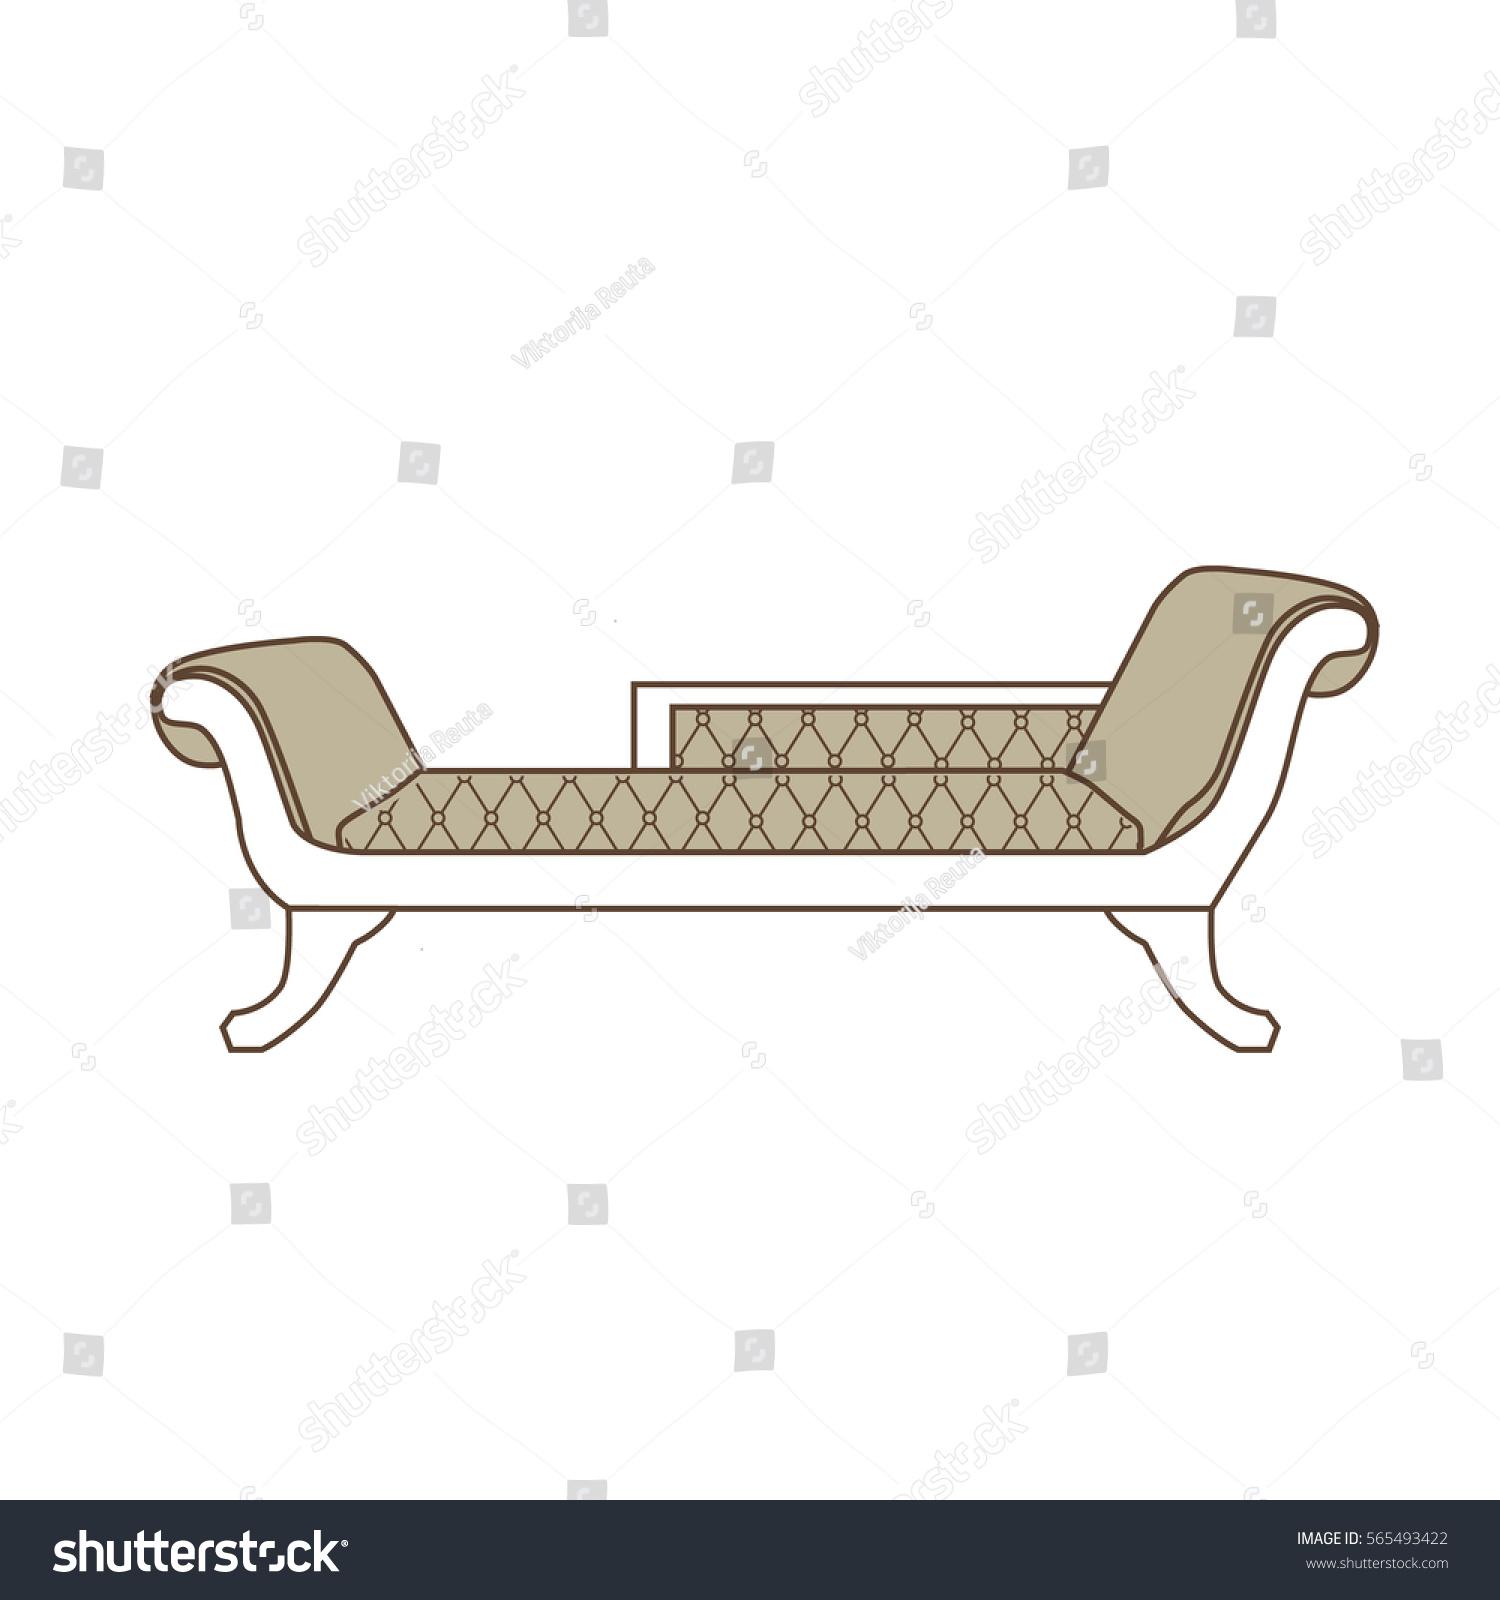 Vector Illustration Vintage Sofa, Divan Or Couch Icon. Classic Elegant  Furniture. Antique,